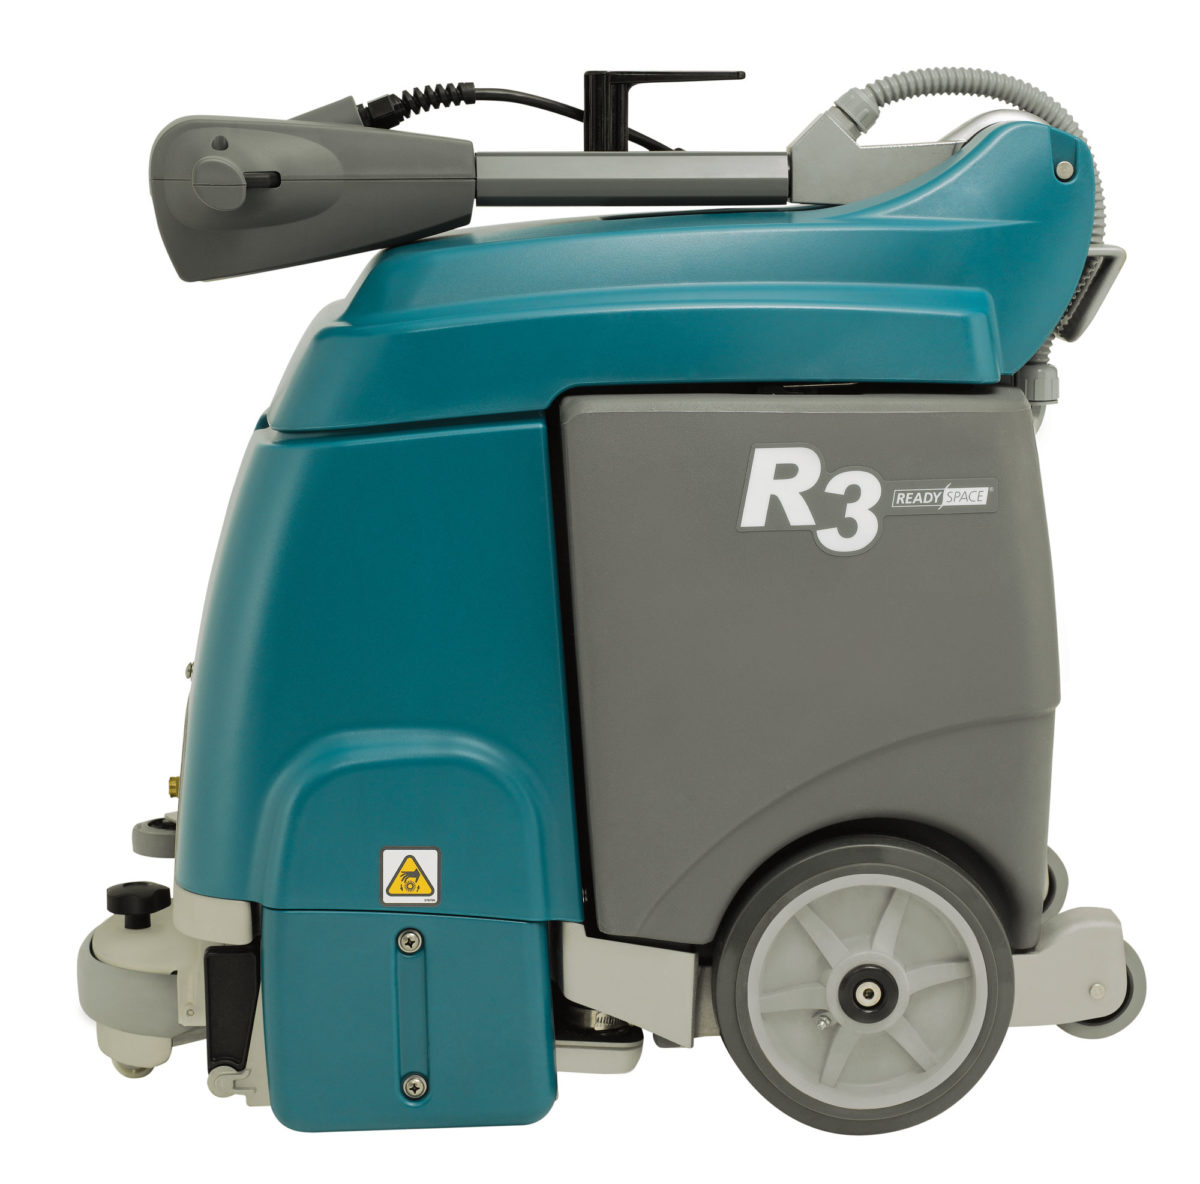 Tennant R3 Interim Carpet Extractor